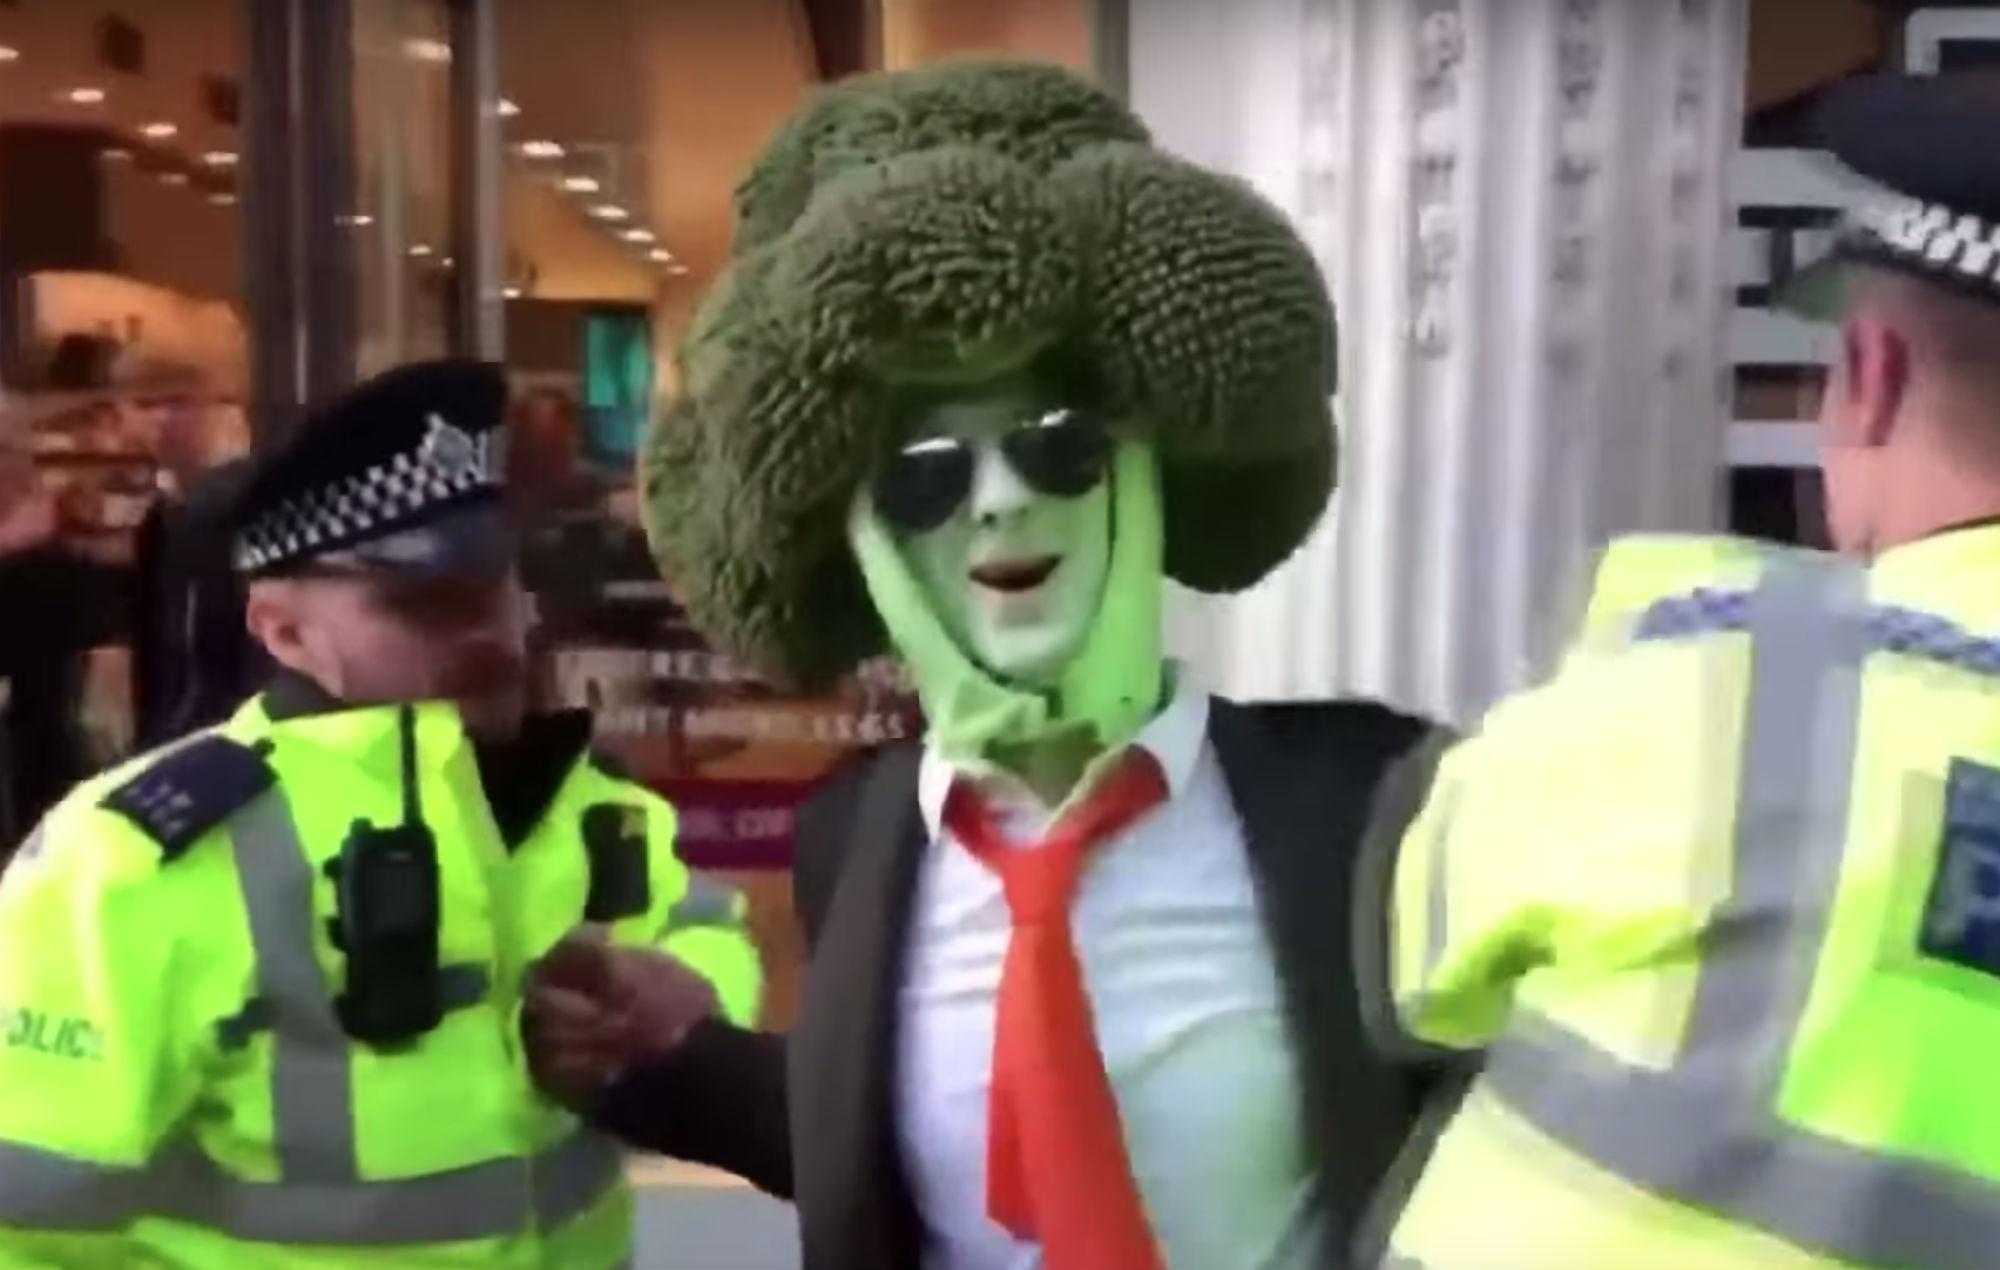 Broccoli-man.jpg